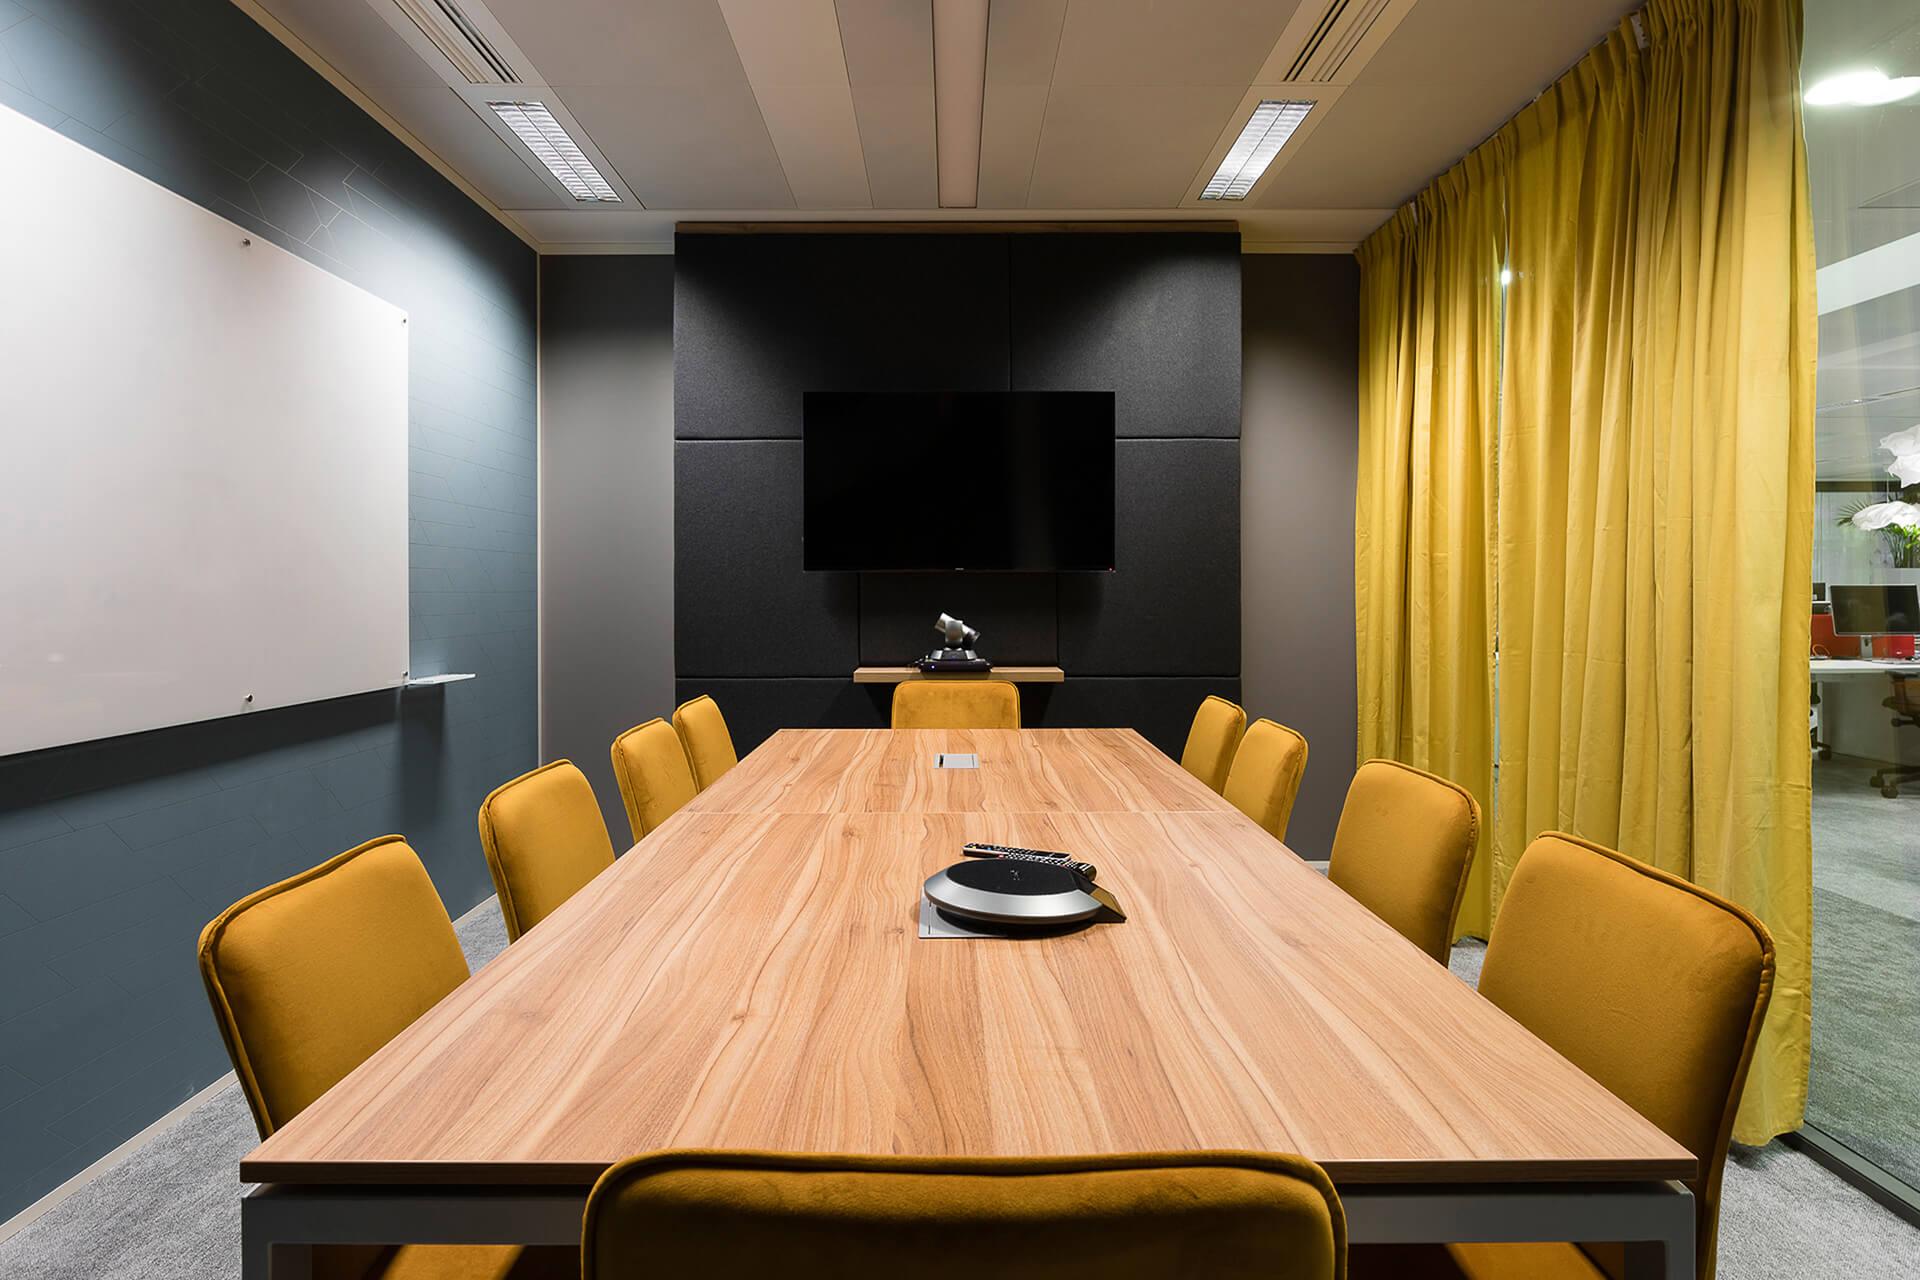 design de interiores em sala de reunião